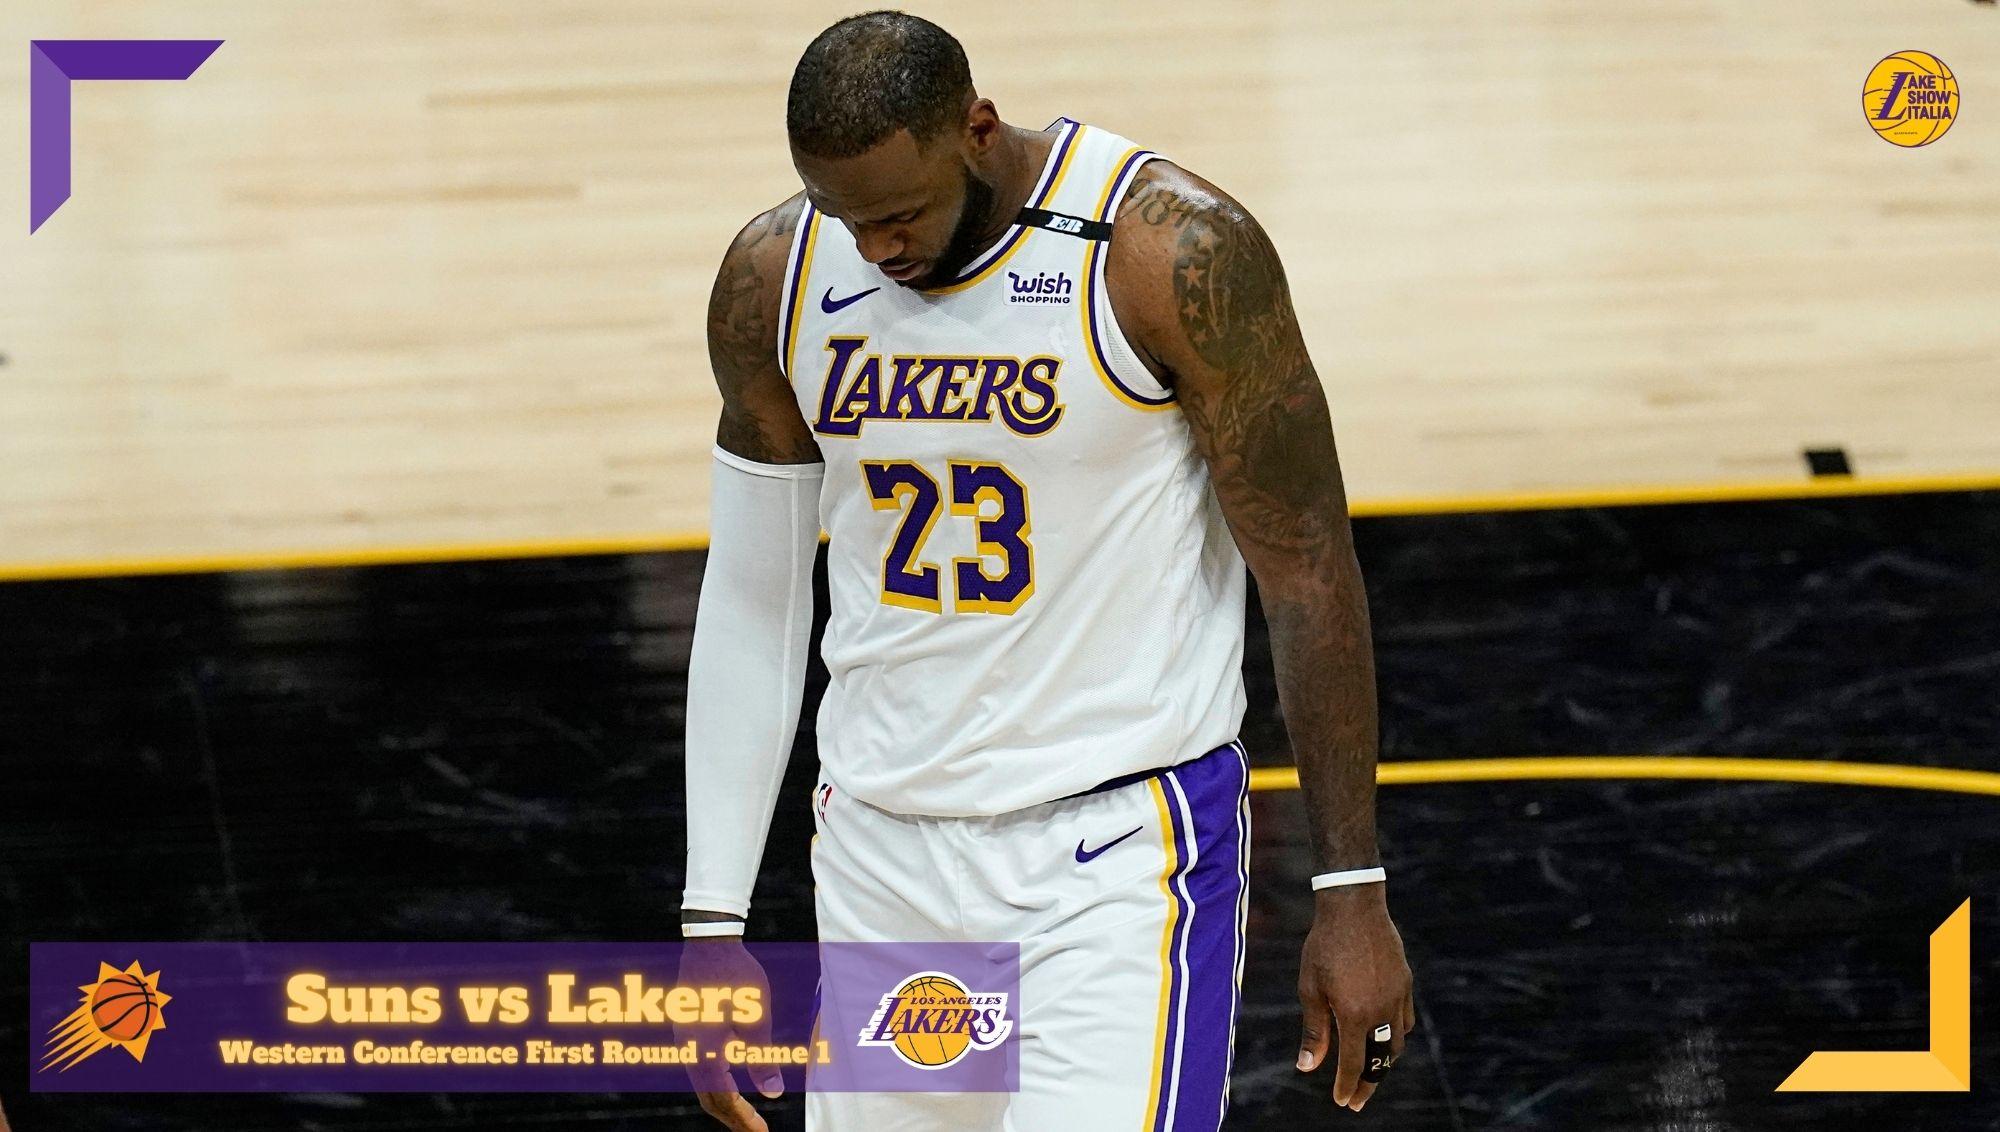 Los Angeles Lakers battuti nettamente dai Phoenix Suns in Gara 1. DeAndre Ayton e Devin Booker surclassano Anthony Davis e LeBron James.